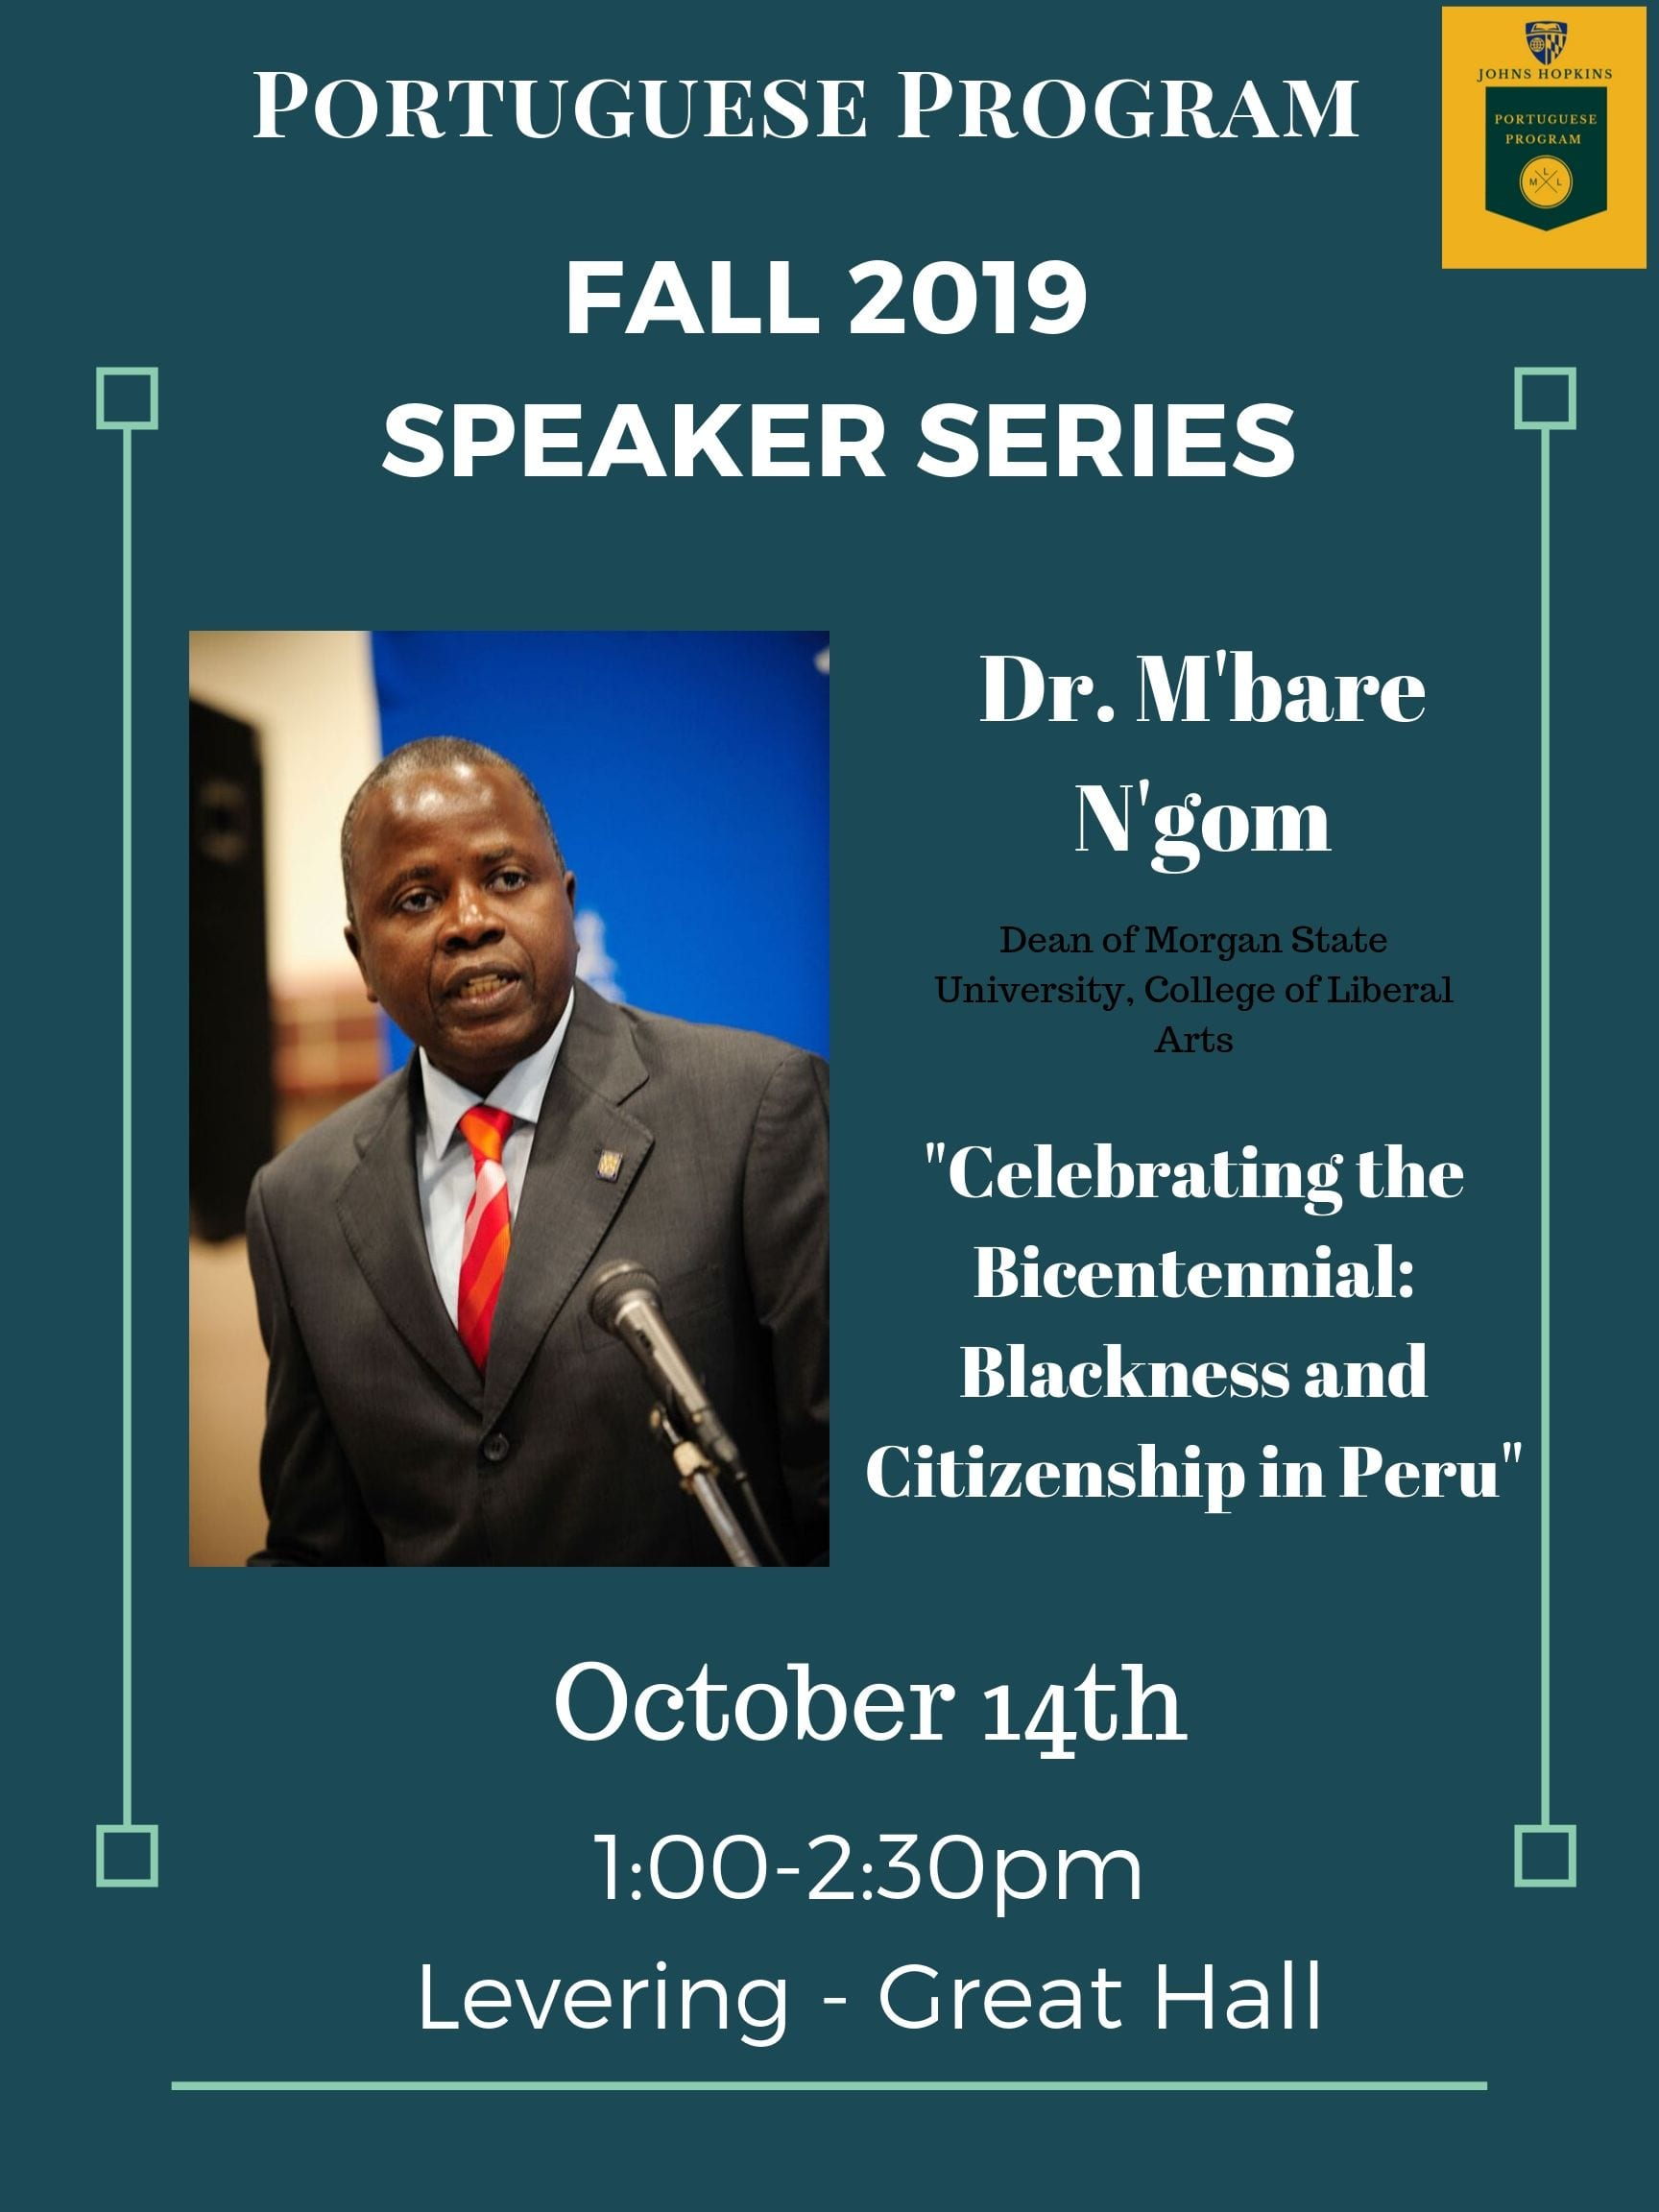 Portuguese Program Fall Speaker Series: Dr. M'bare N'gom